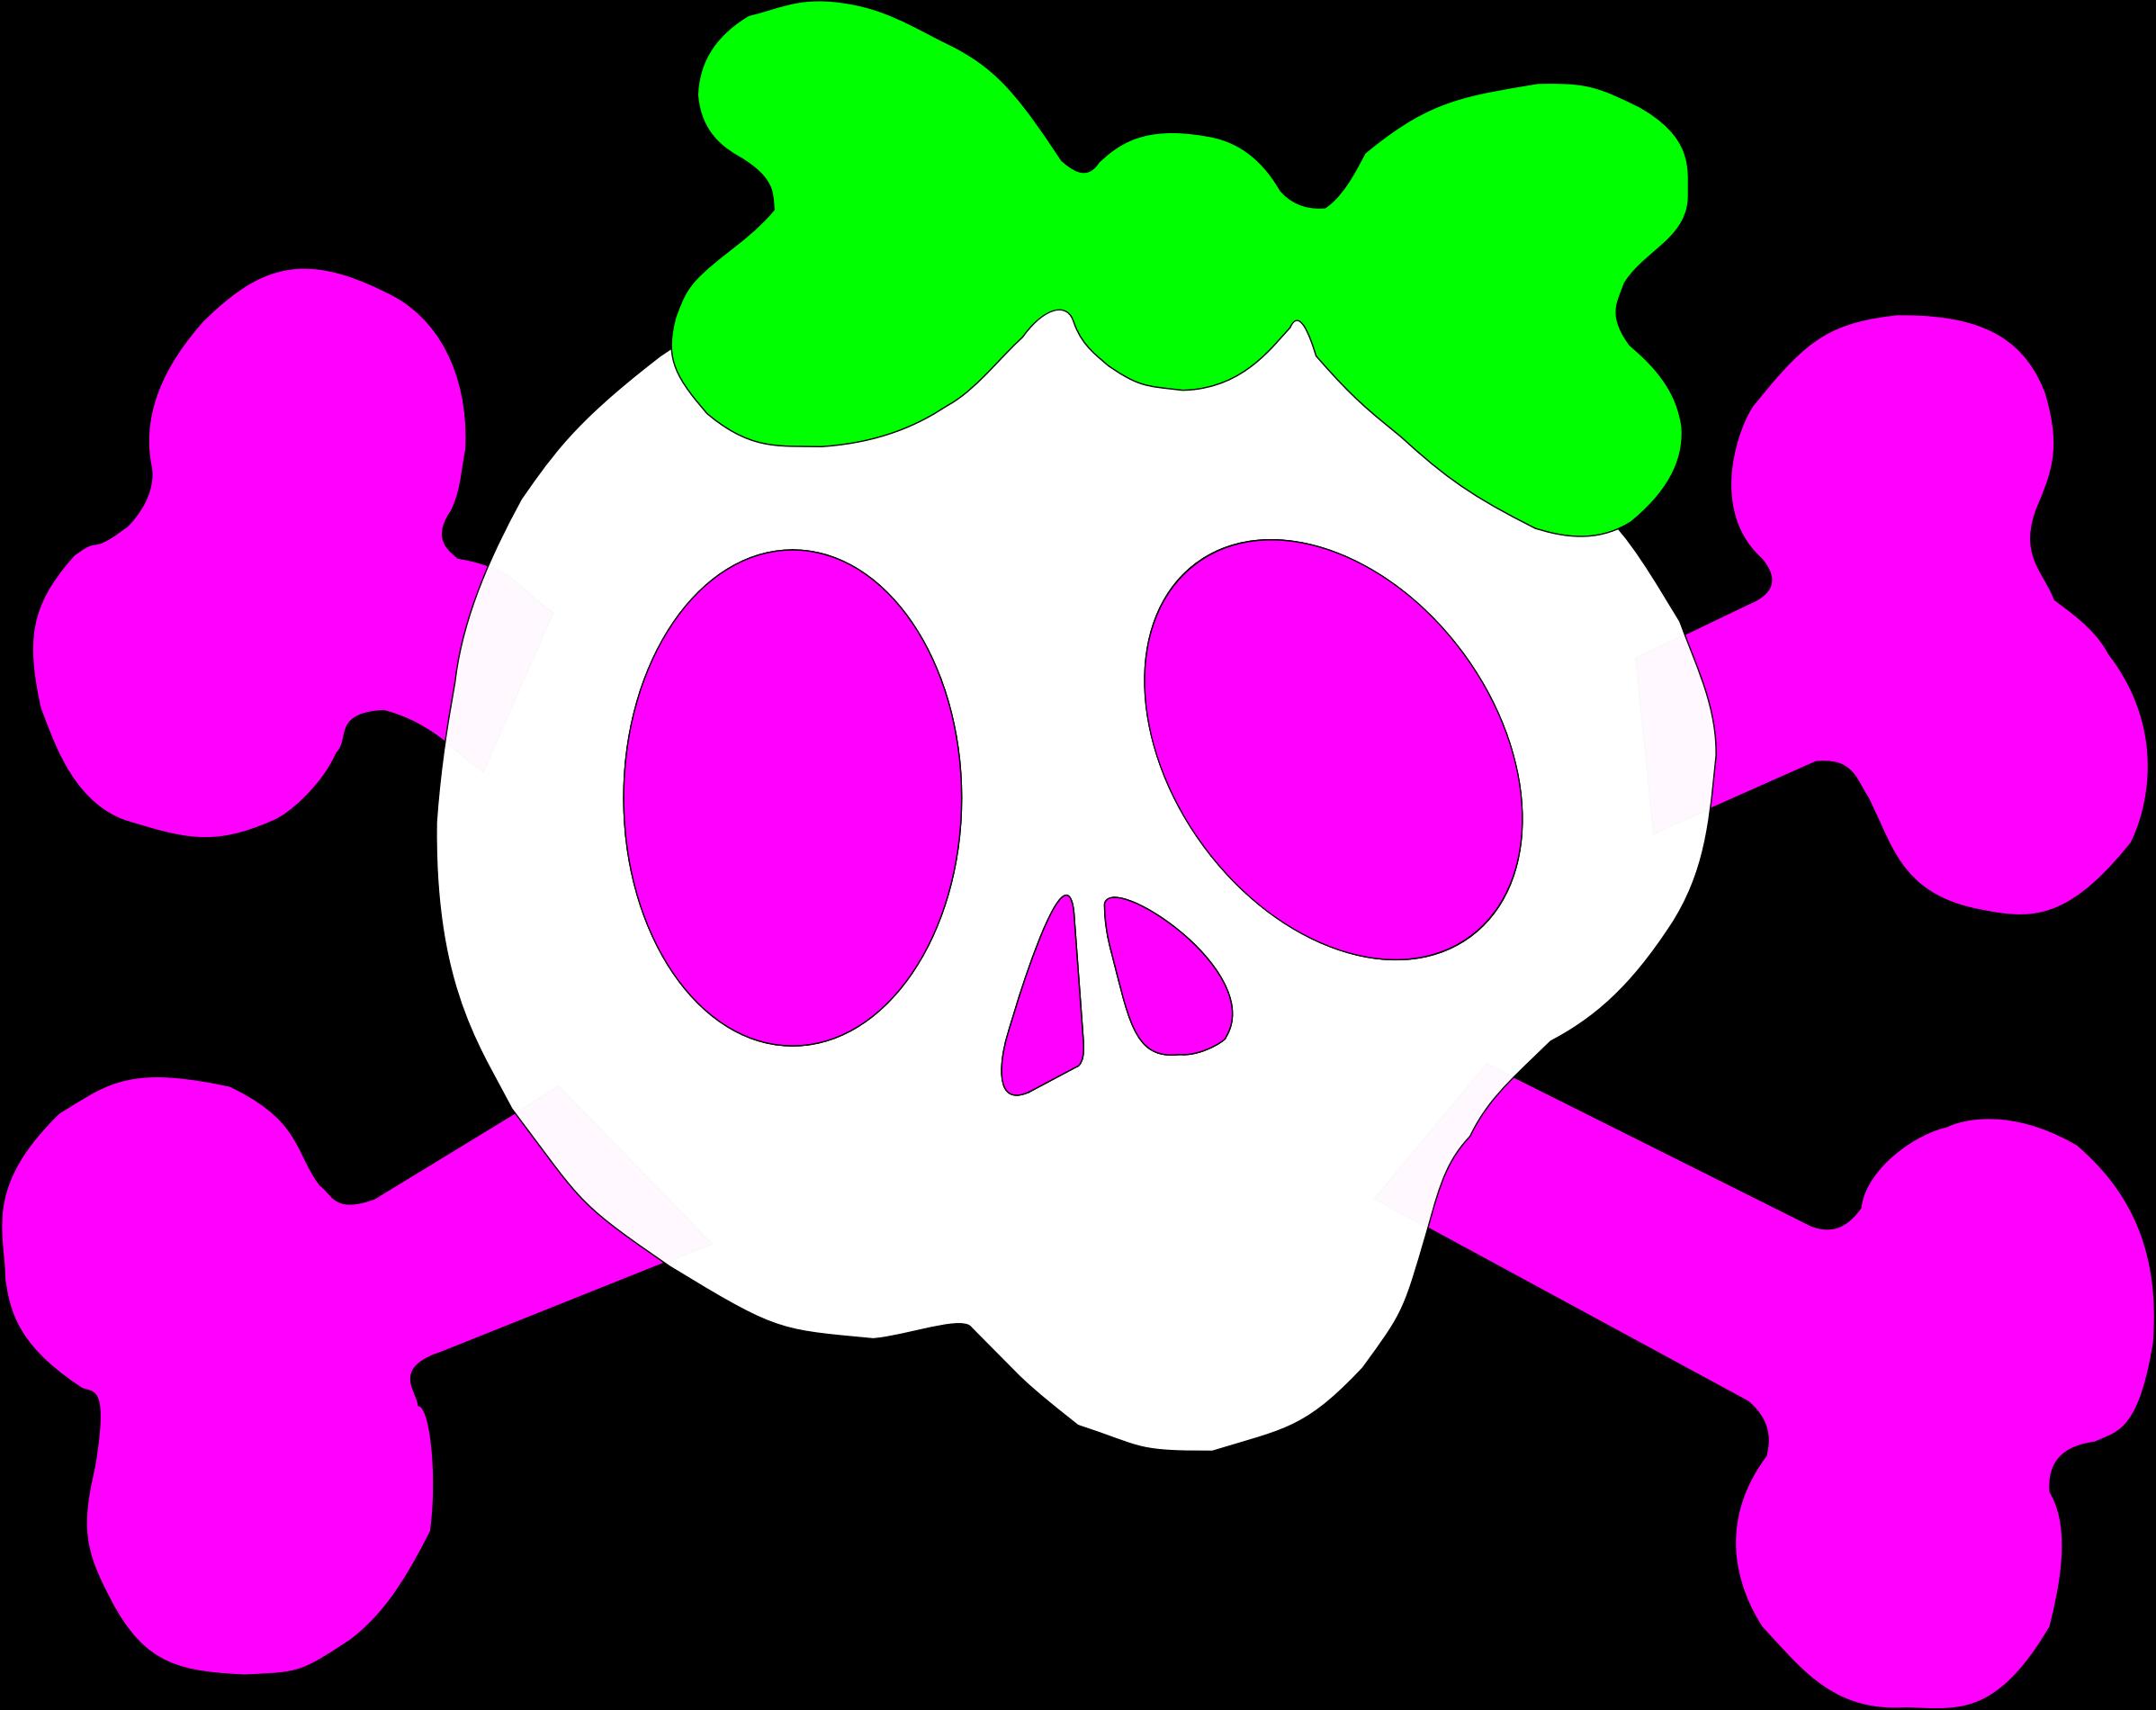 Girl skull icons png. Girly clipart zebra